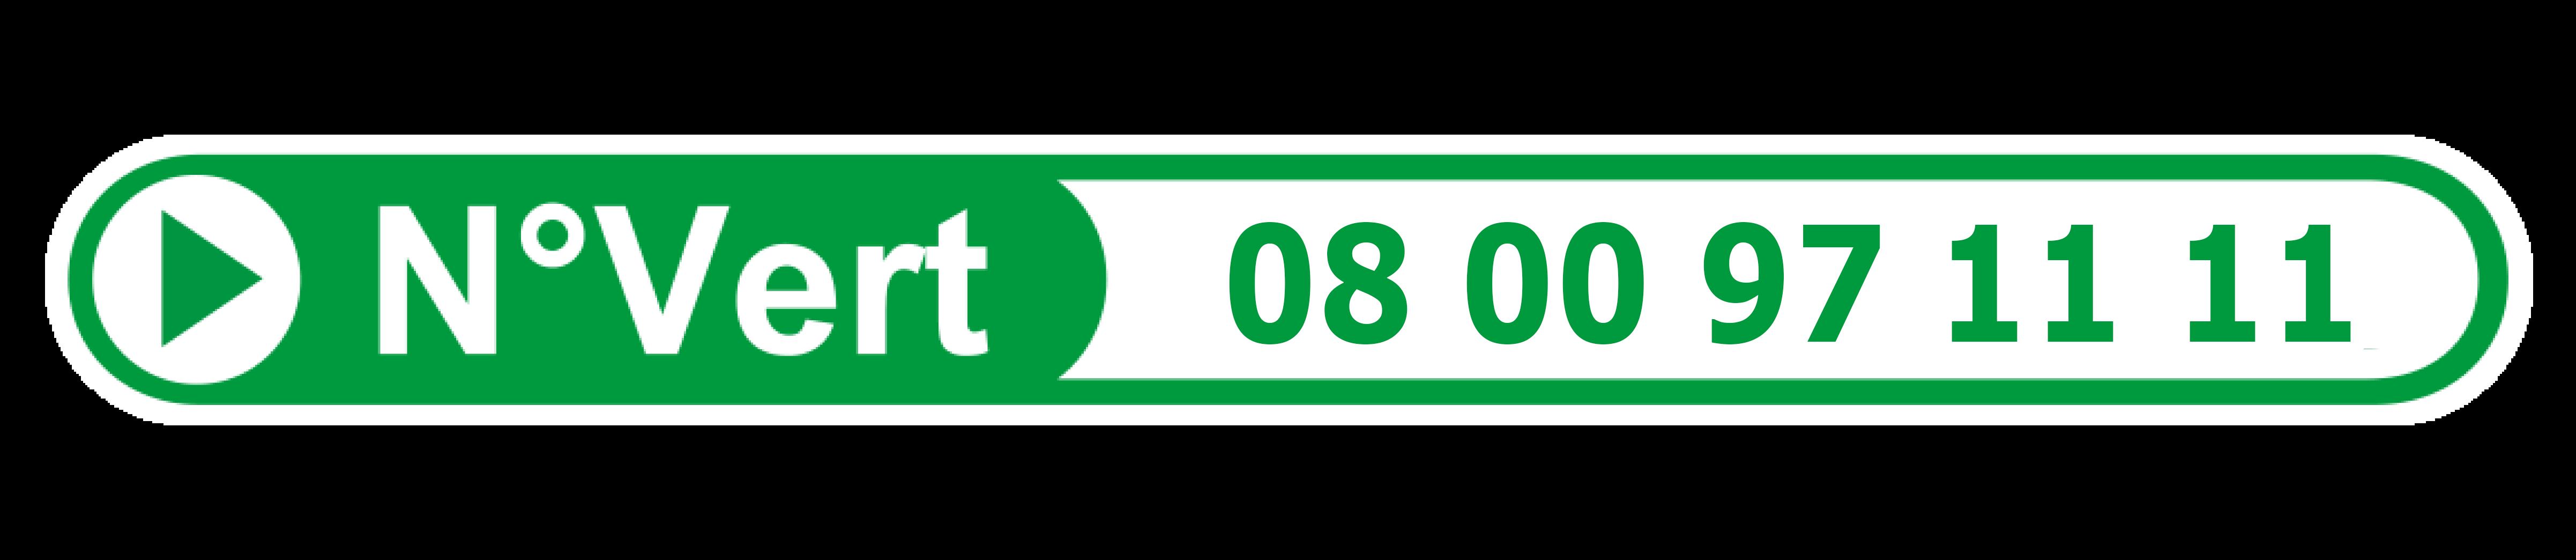 Numéro vert : 08 00 97 11 11